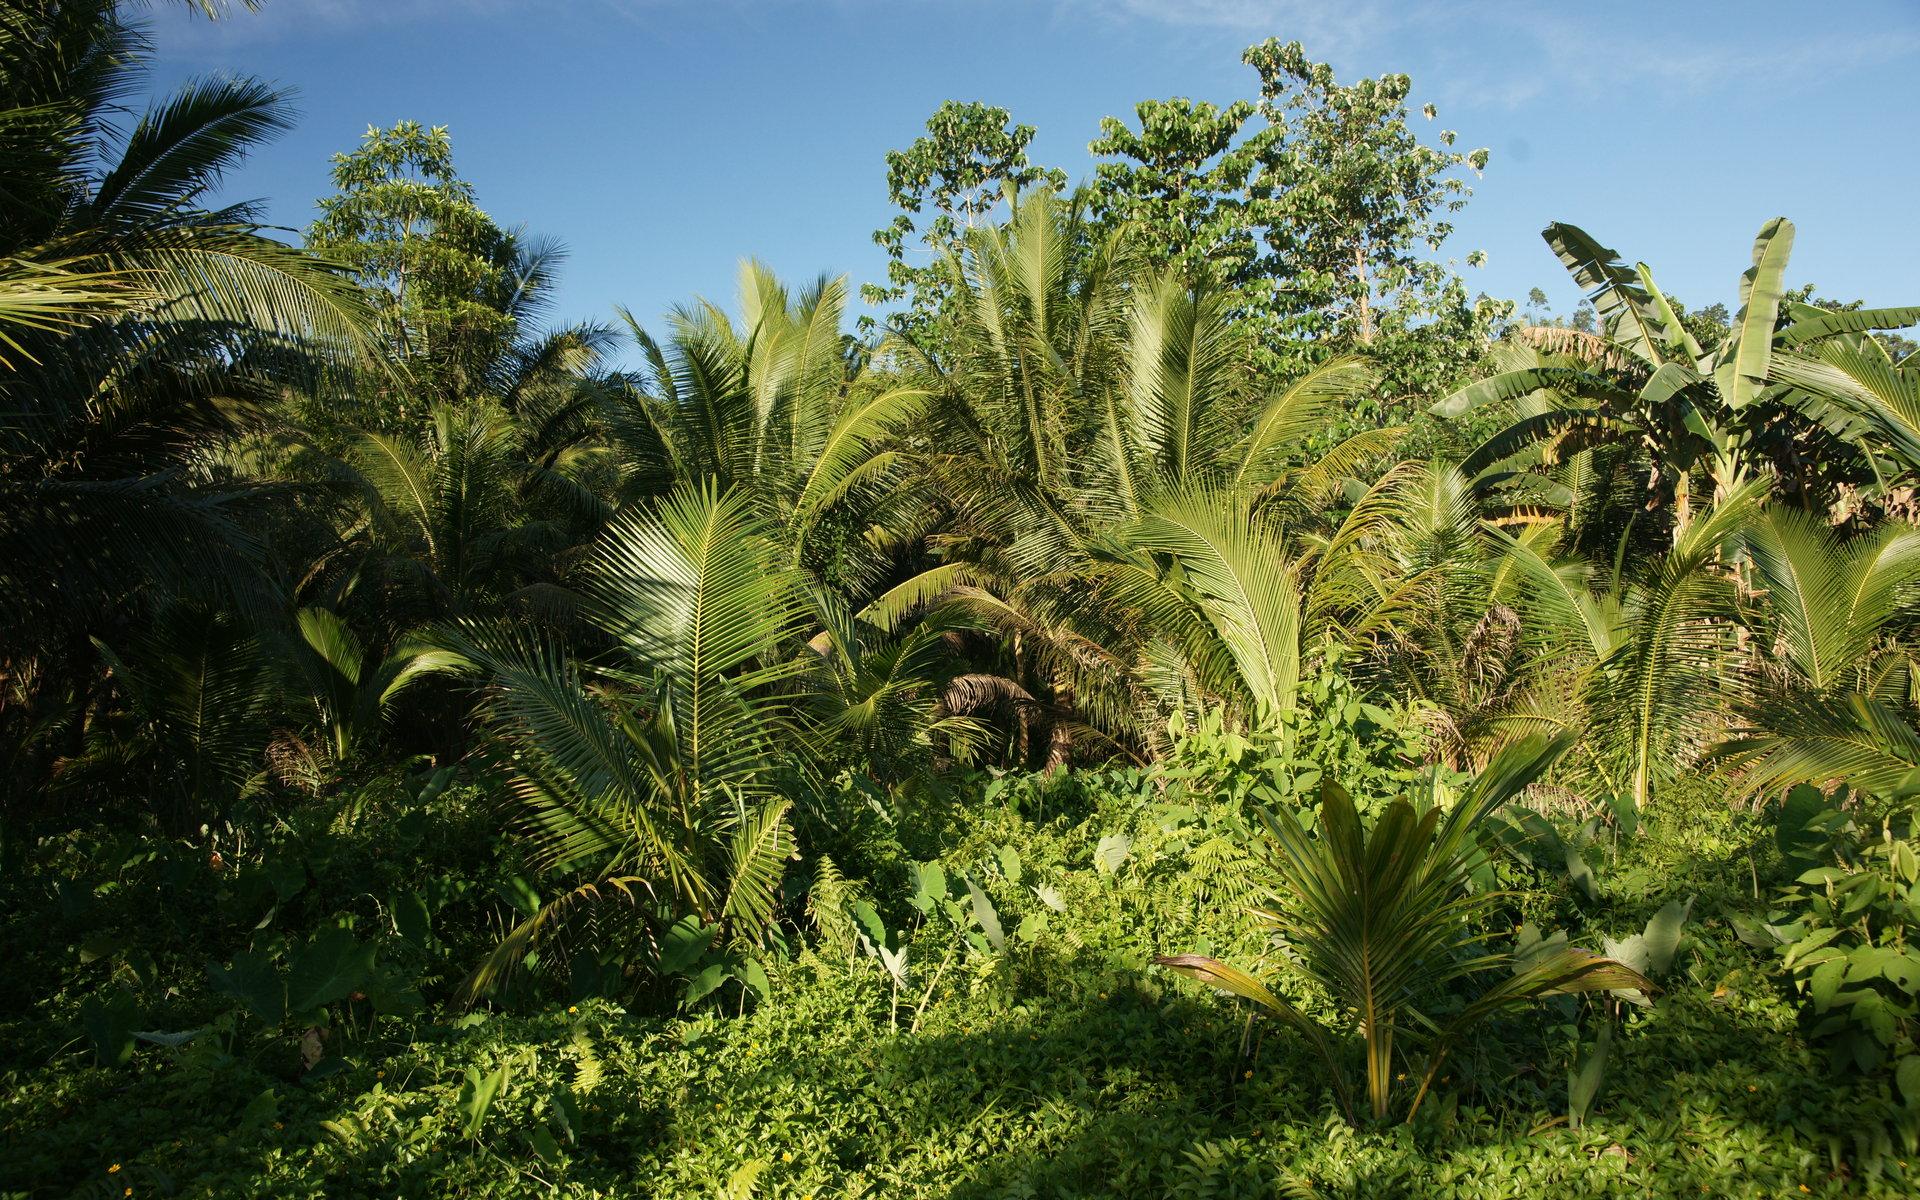 собраны смотреть фото пальм тропических карман